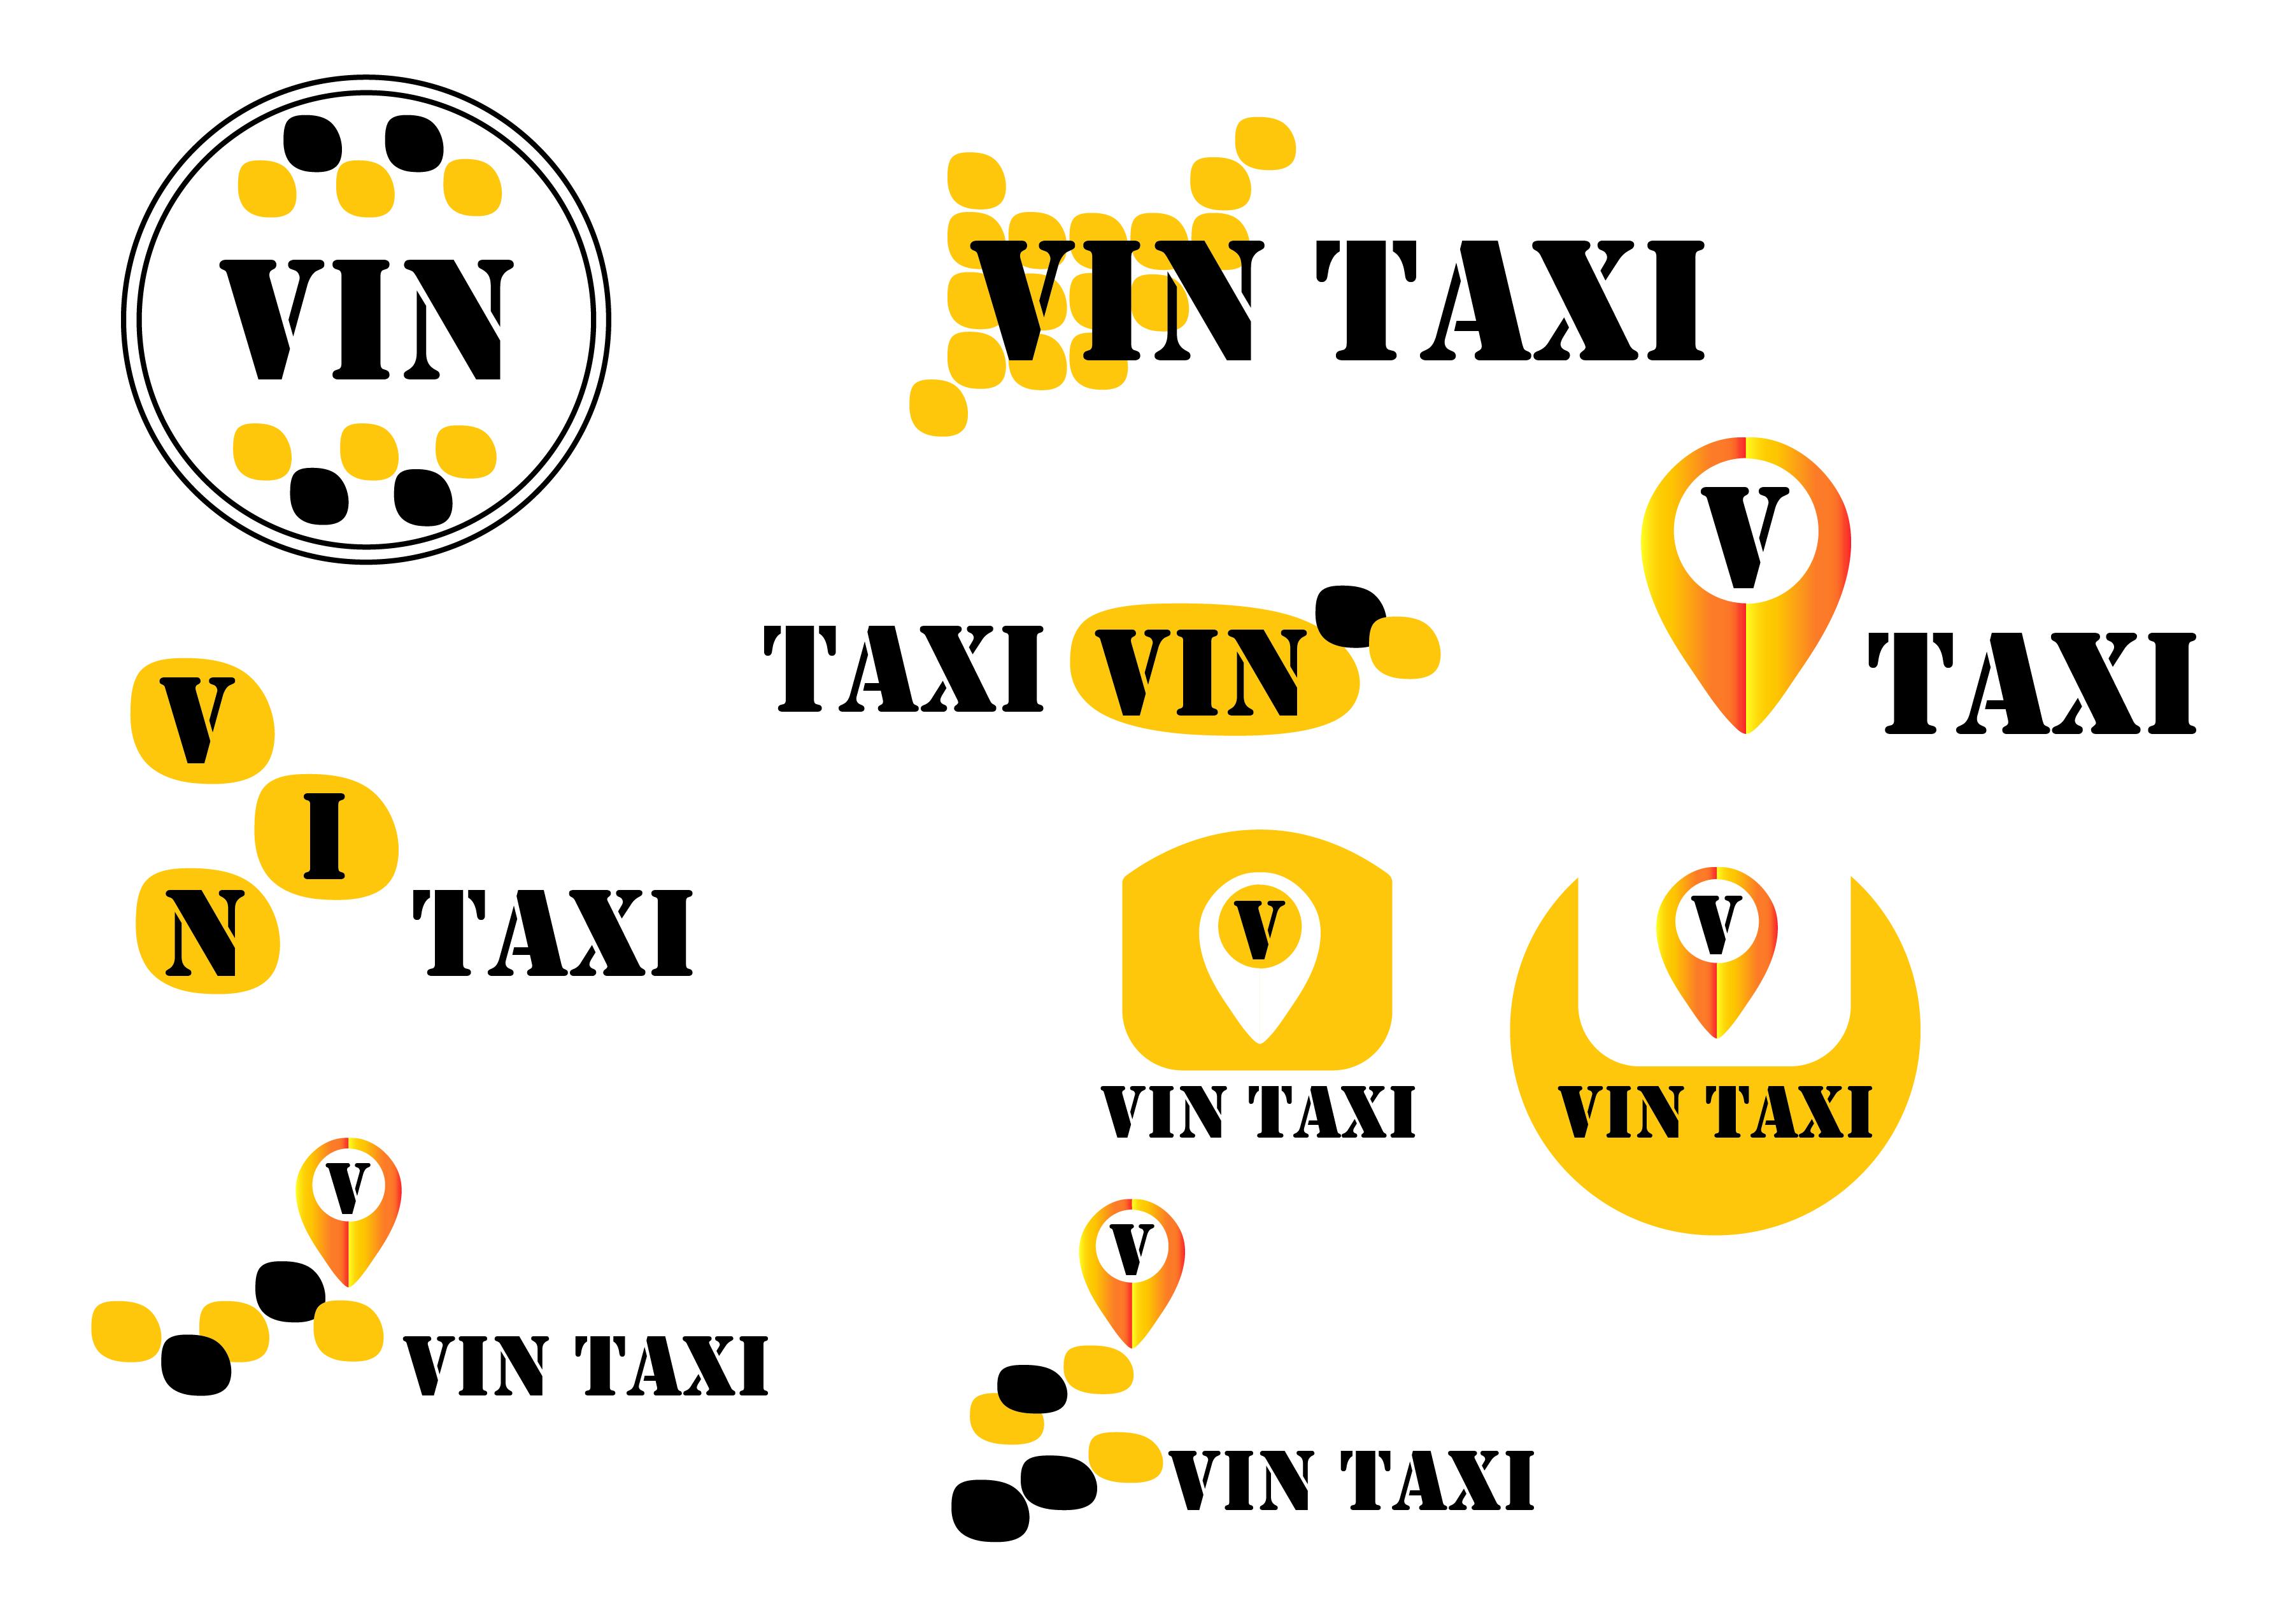 Разработка логотипа и фирменного стиля для такси фото f_7055b9eb7c6a8cbb.jpg